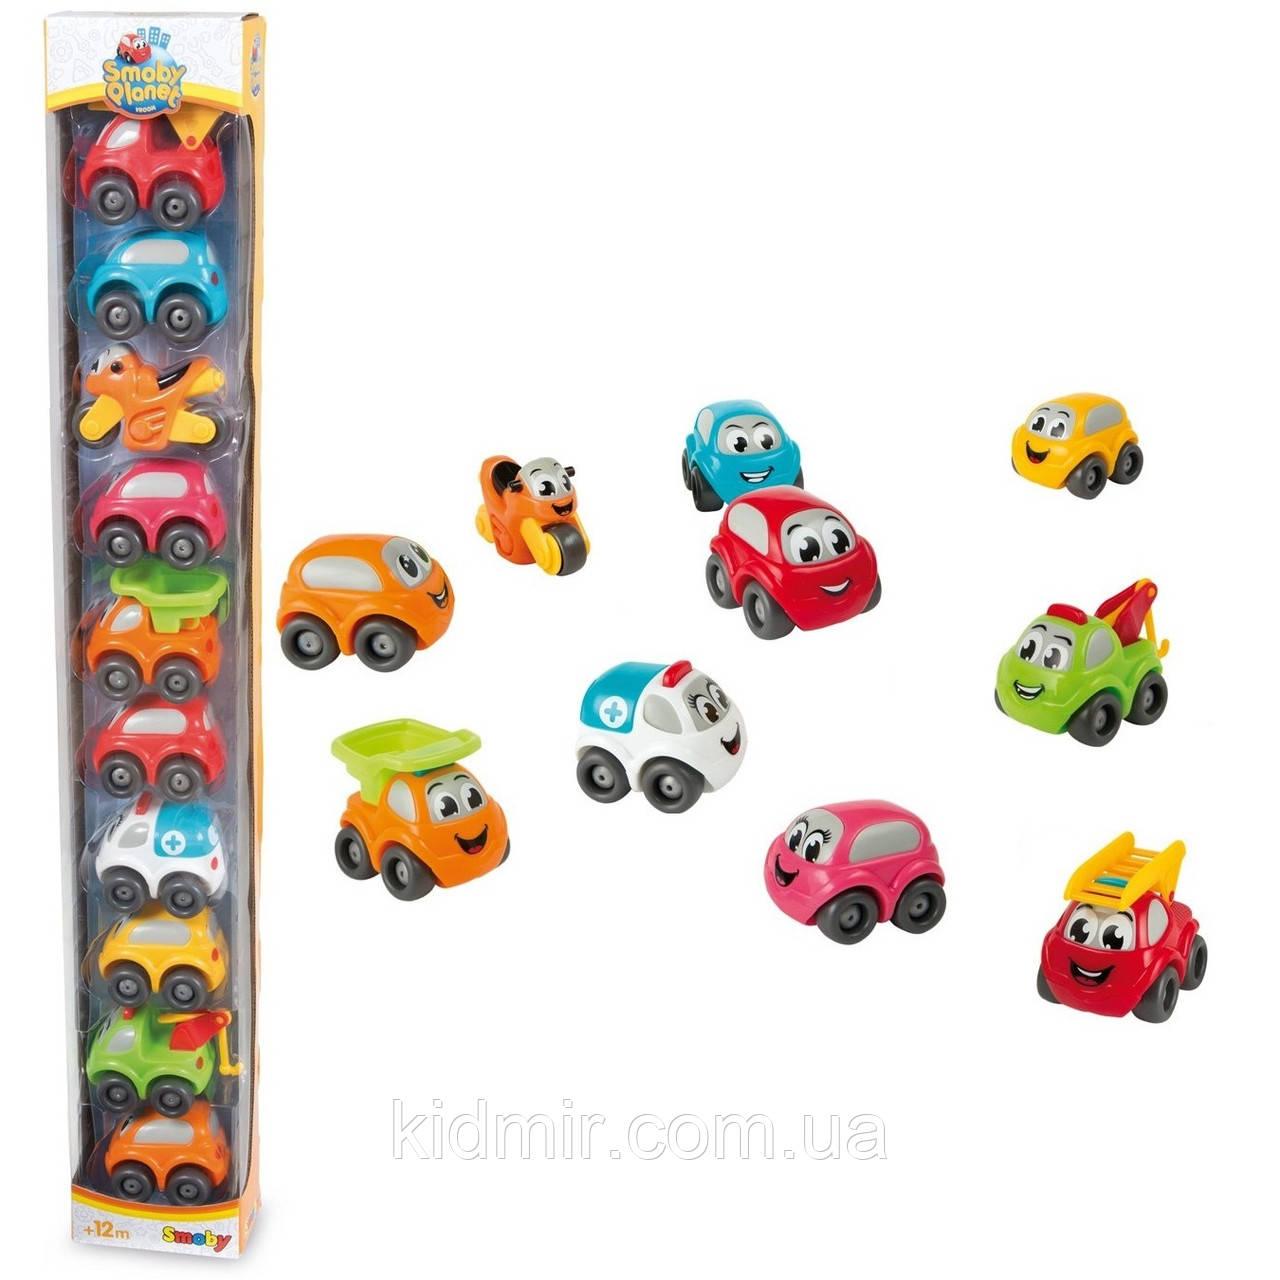 Набор машинок для треков, паркингов и гаражей 10 штук Broom Vroom Planet Smoby 120105